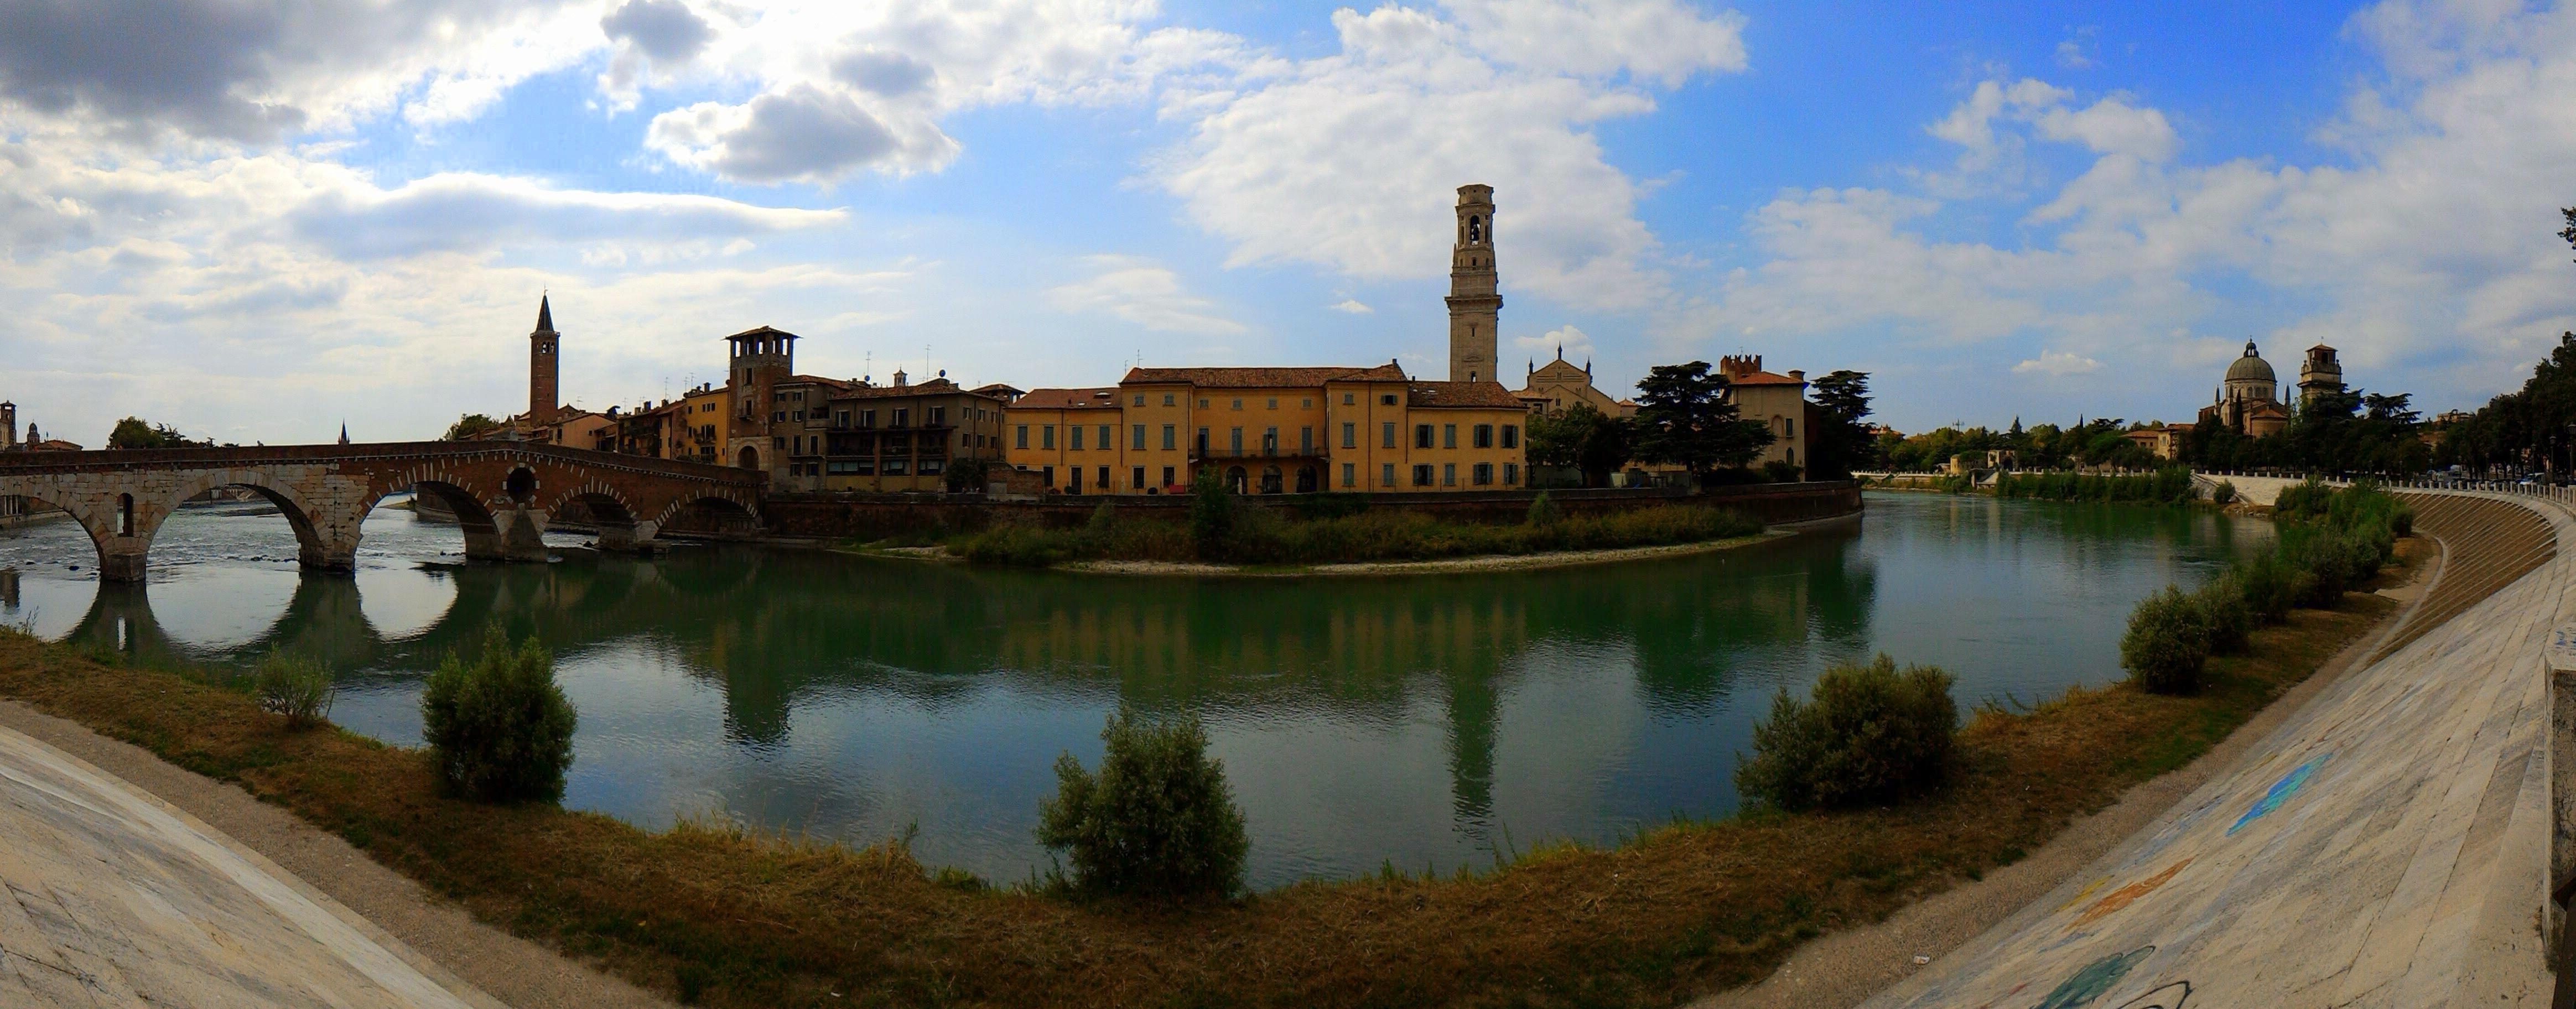 Images gratuites eau ciel pont ch teau palais ville for Piscine chateau d eau reims